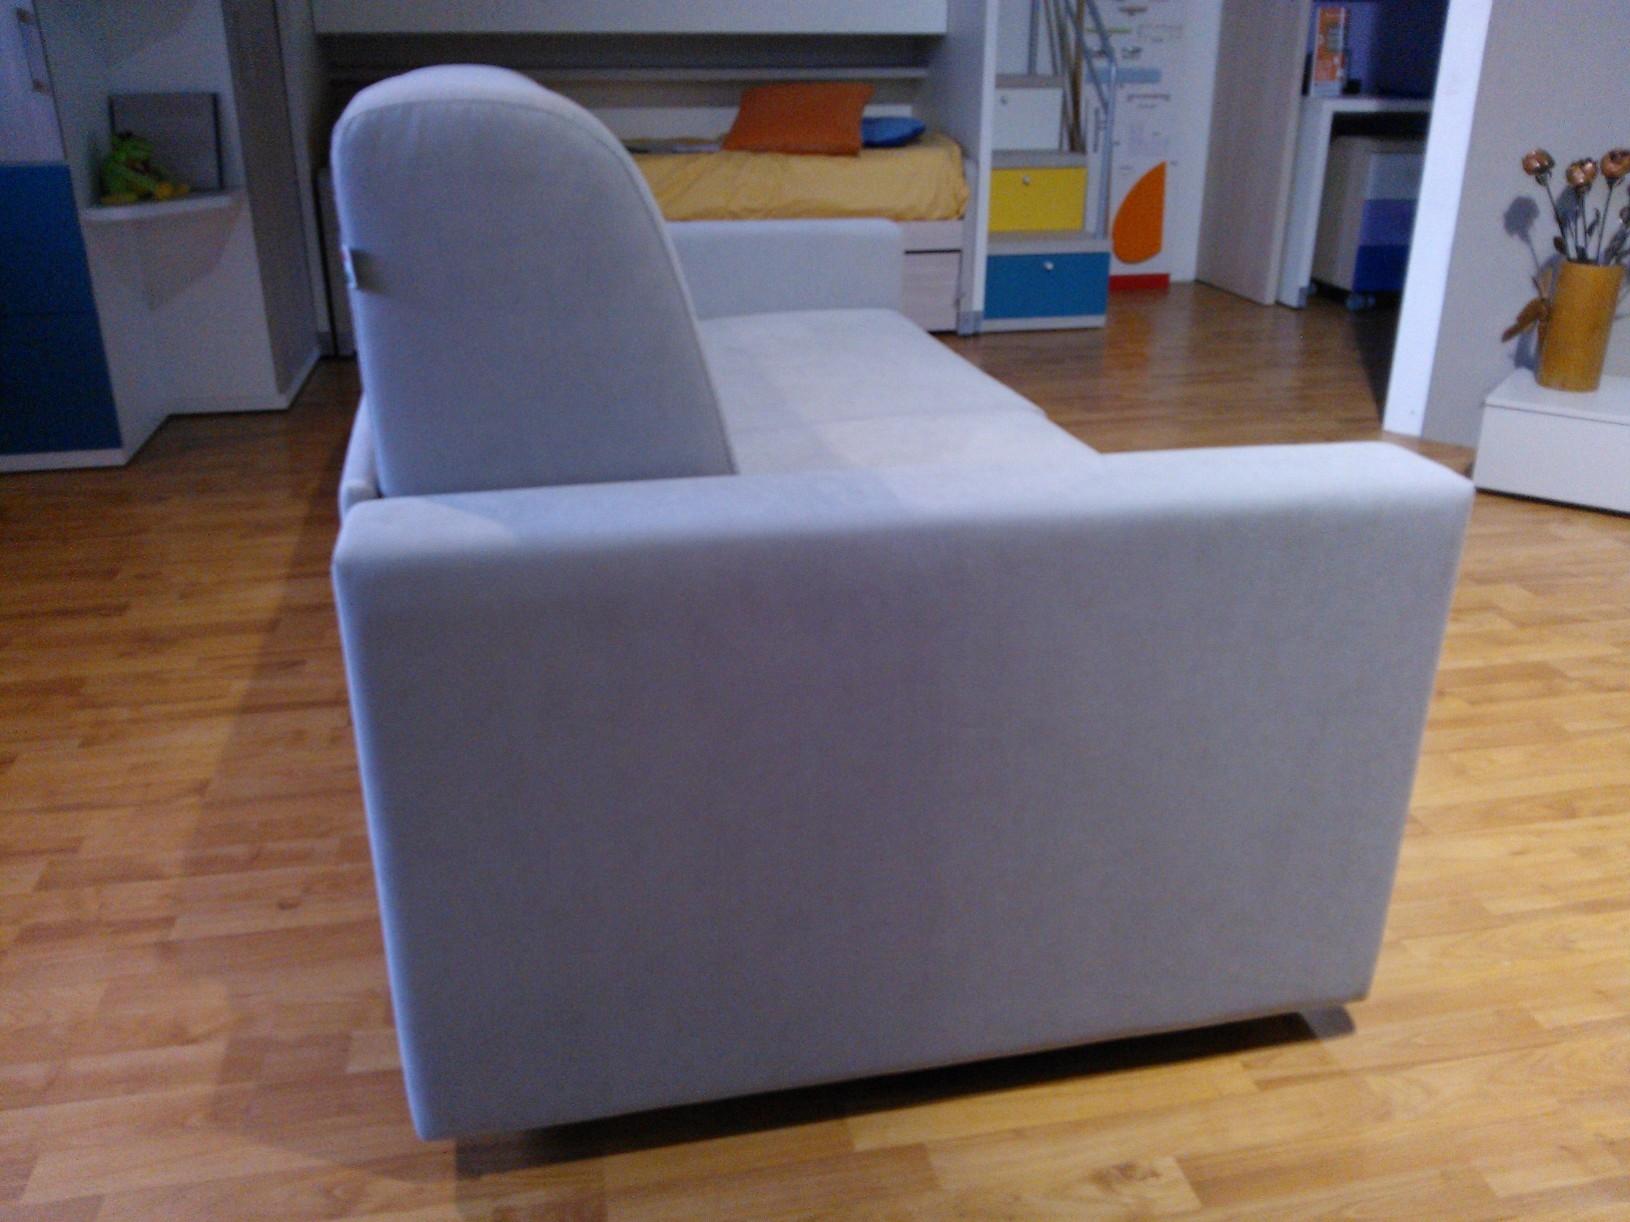 Divano letto offerta casablanca divani a prezzi scontati - Divani letto in offerta ...